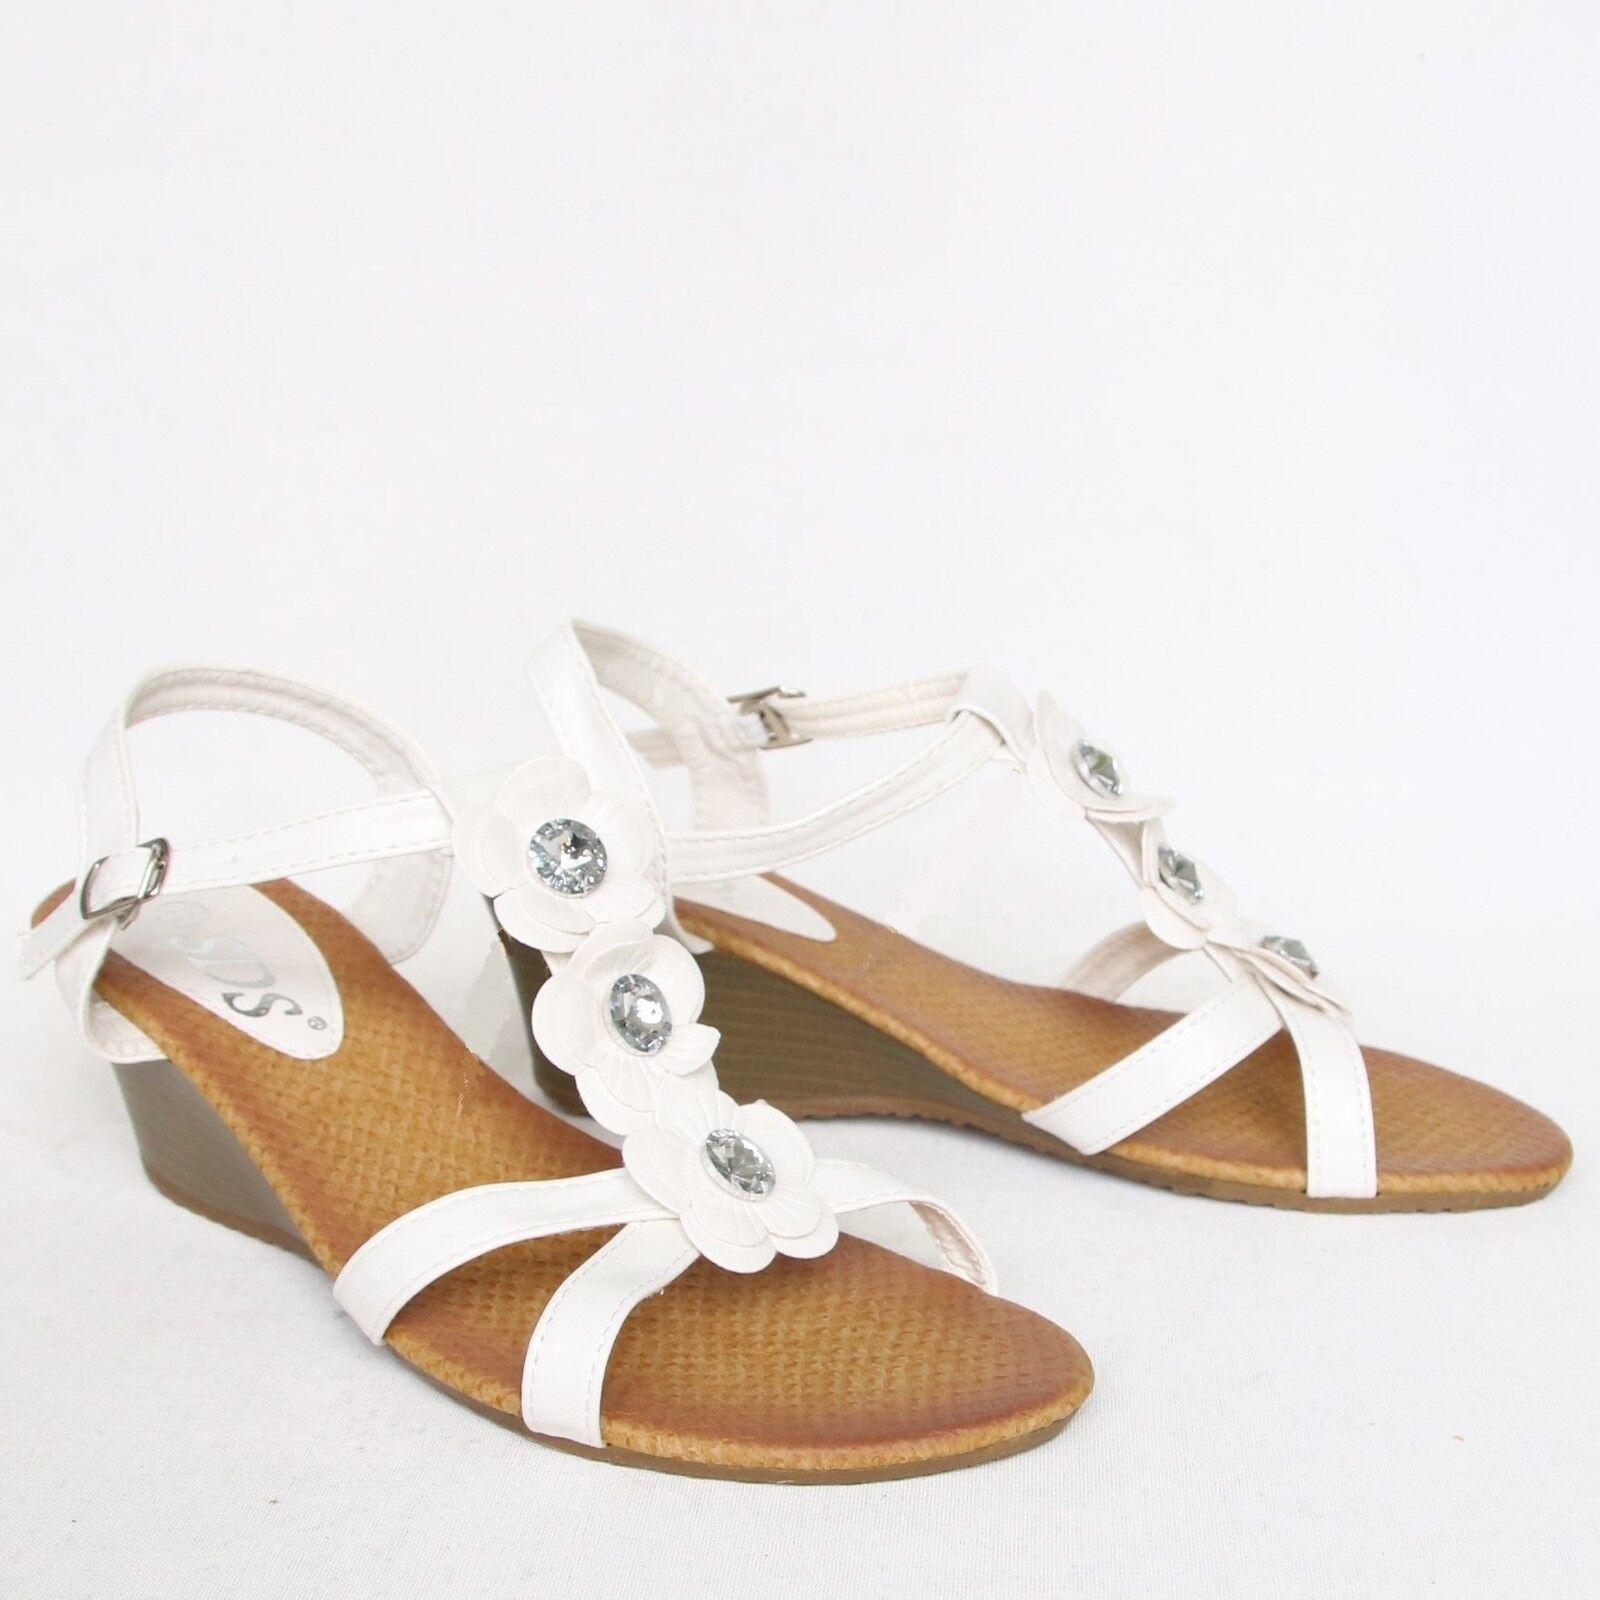 Riemchen Sandaletten 37 Weiß Sandalen Wedges Pumps High Heels Keil Neu 5976-KL